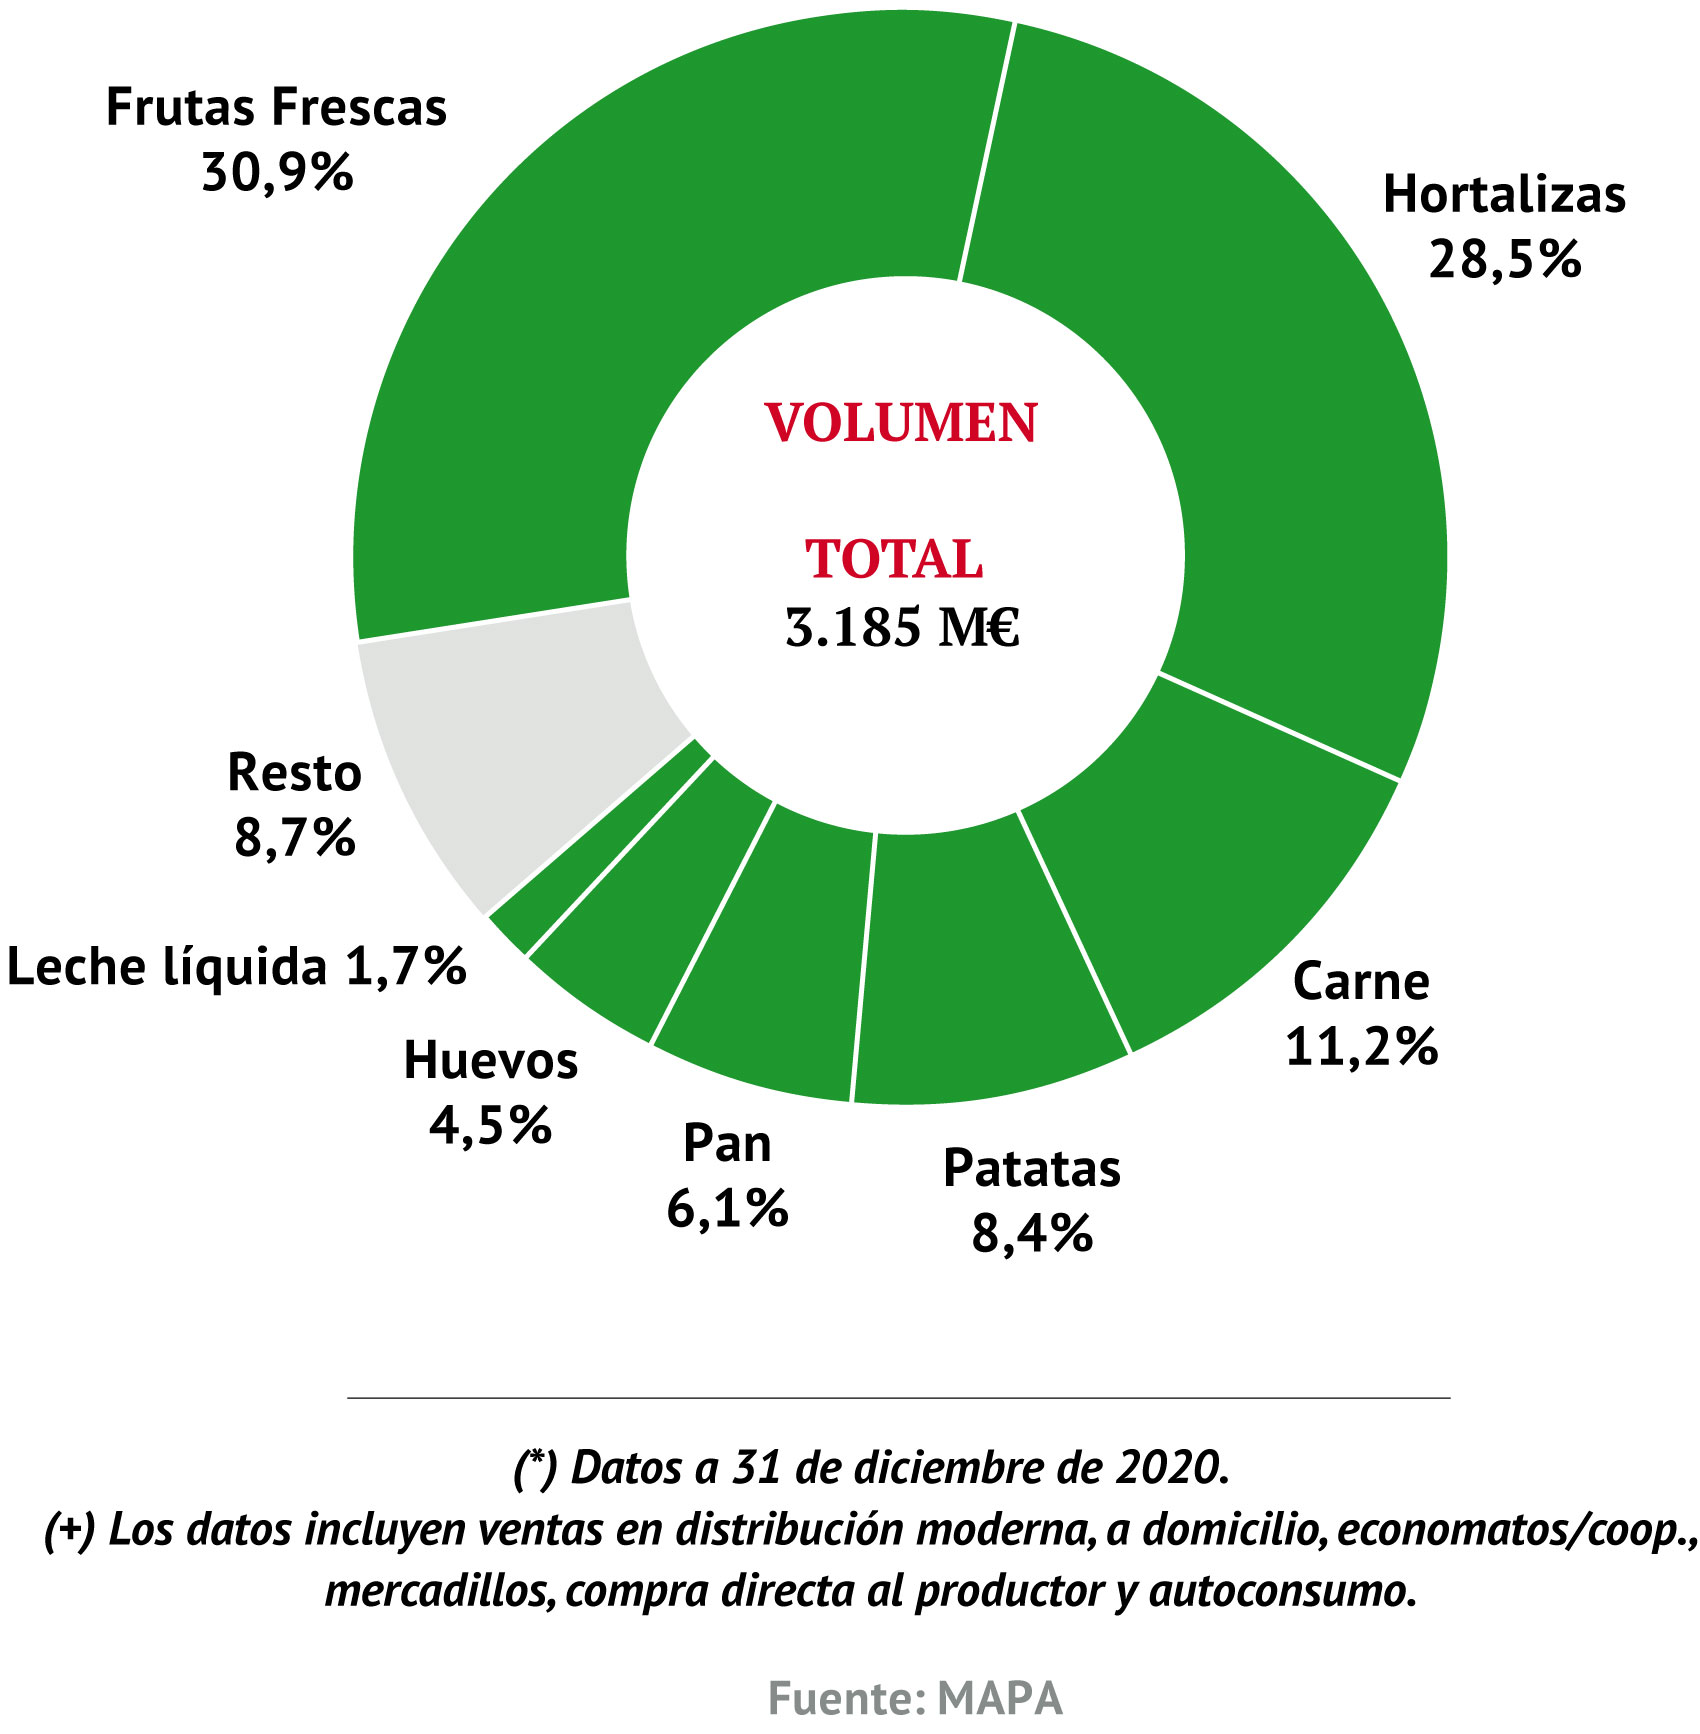 Participación de las diferentes categorías de ecológicos sobre el total del mercado ecológico (valor) (*) (+)